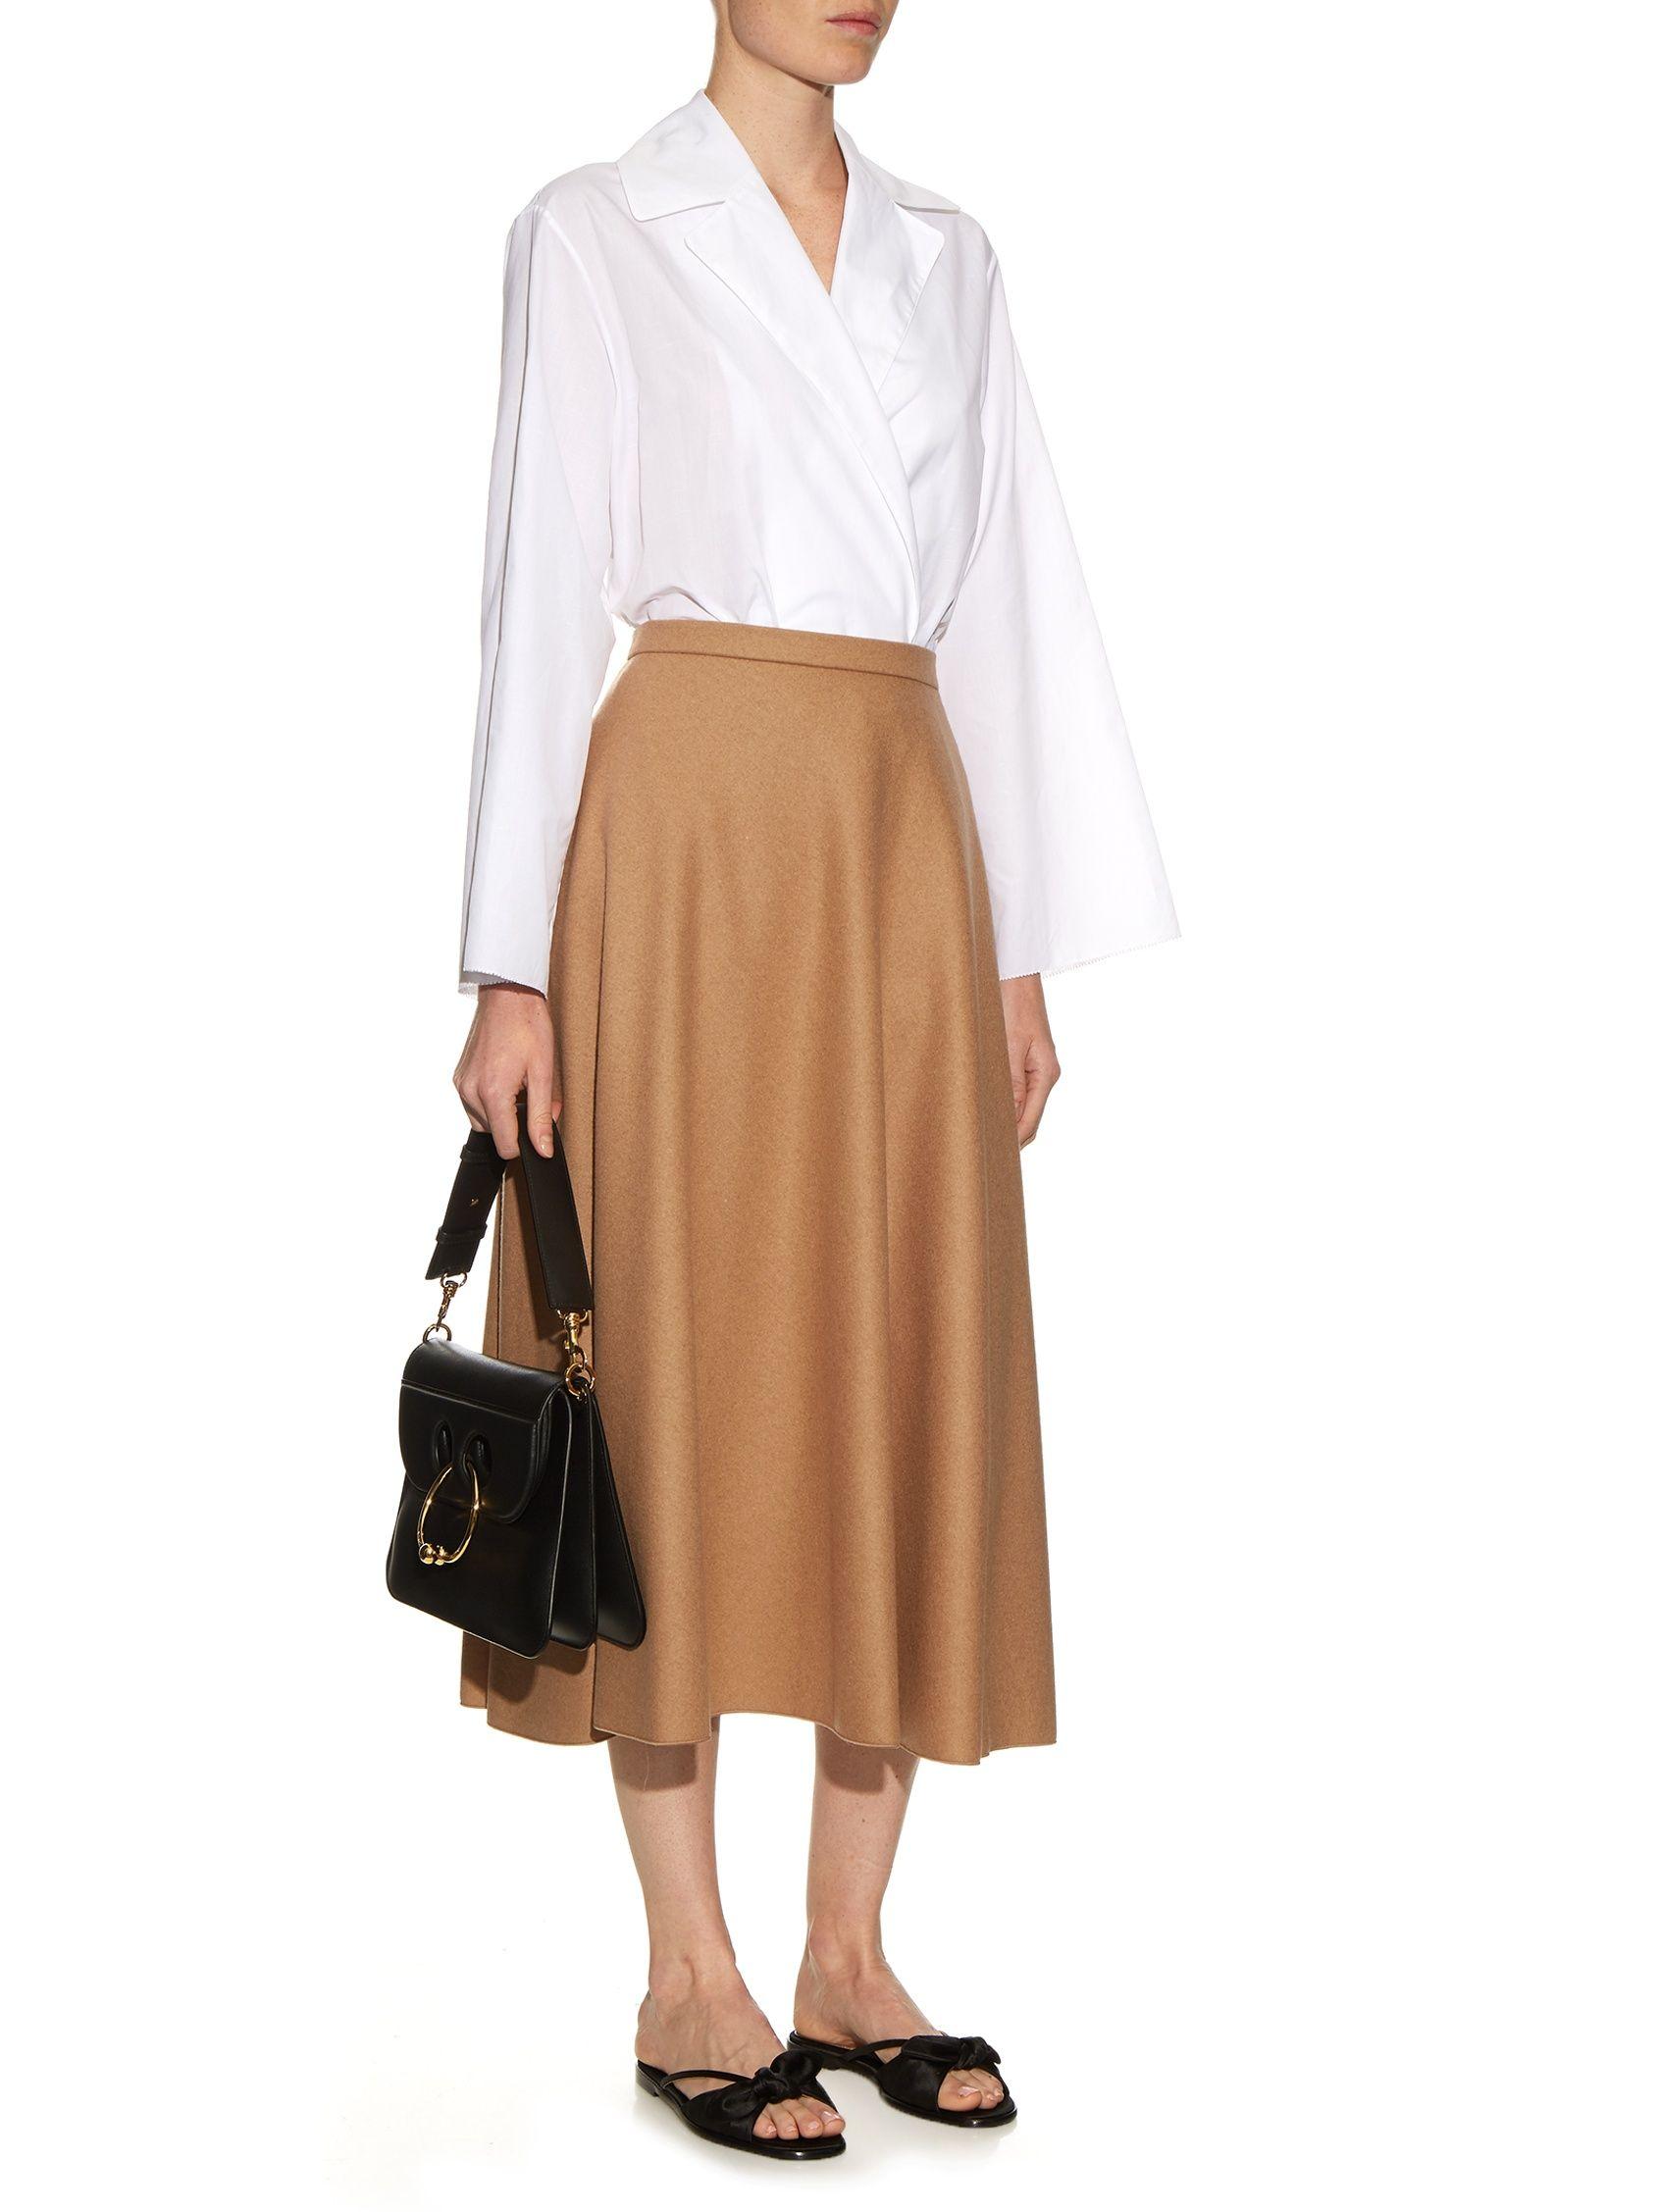 8bd6182f45 Pontile skirt | Max Mara | Fashion | Max mara, Fashion, Skirts